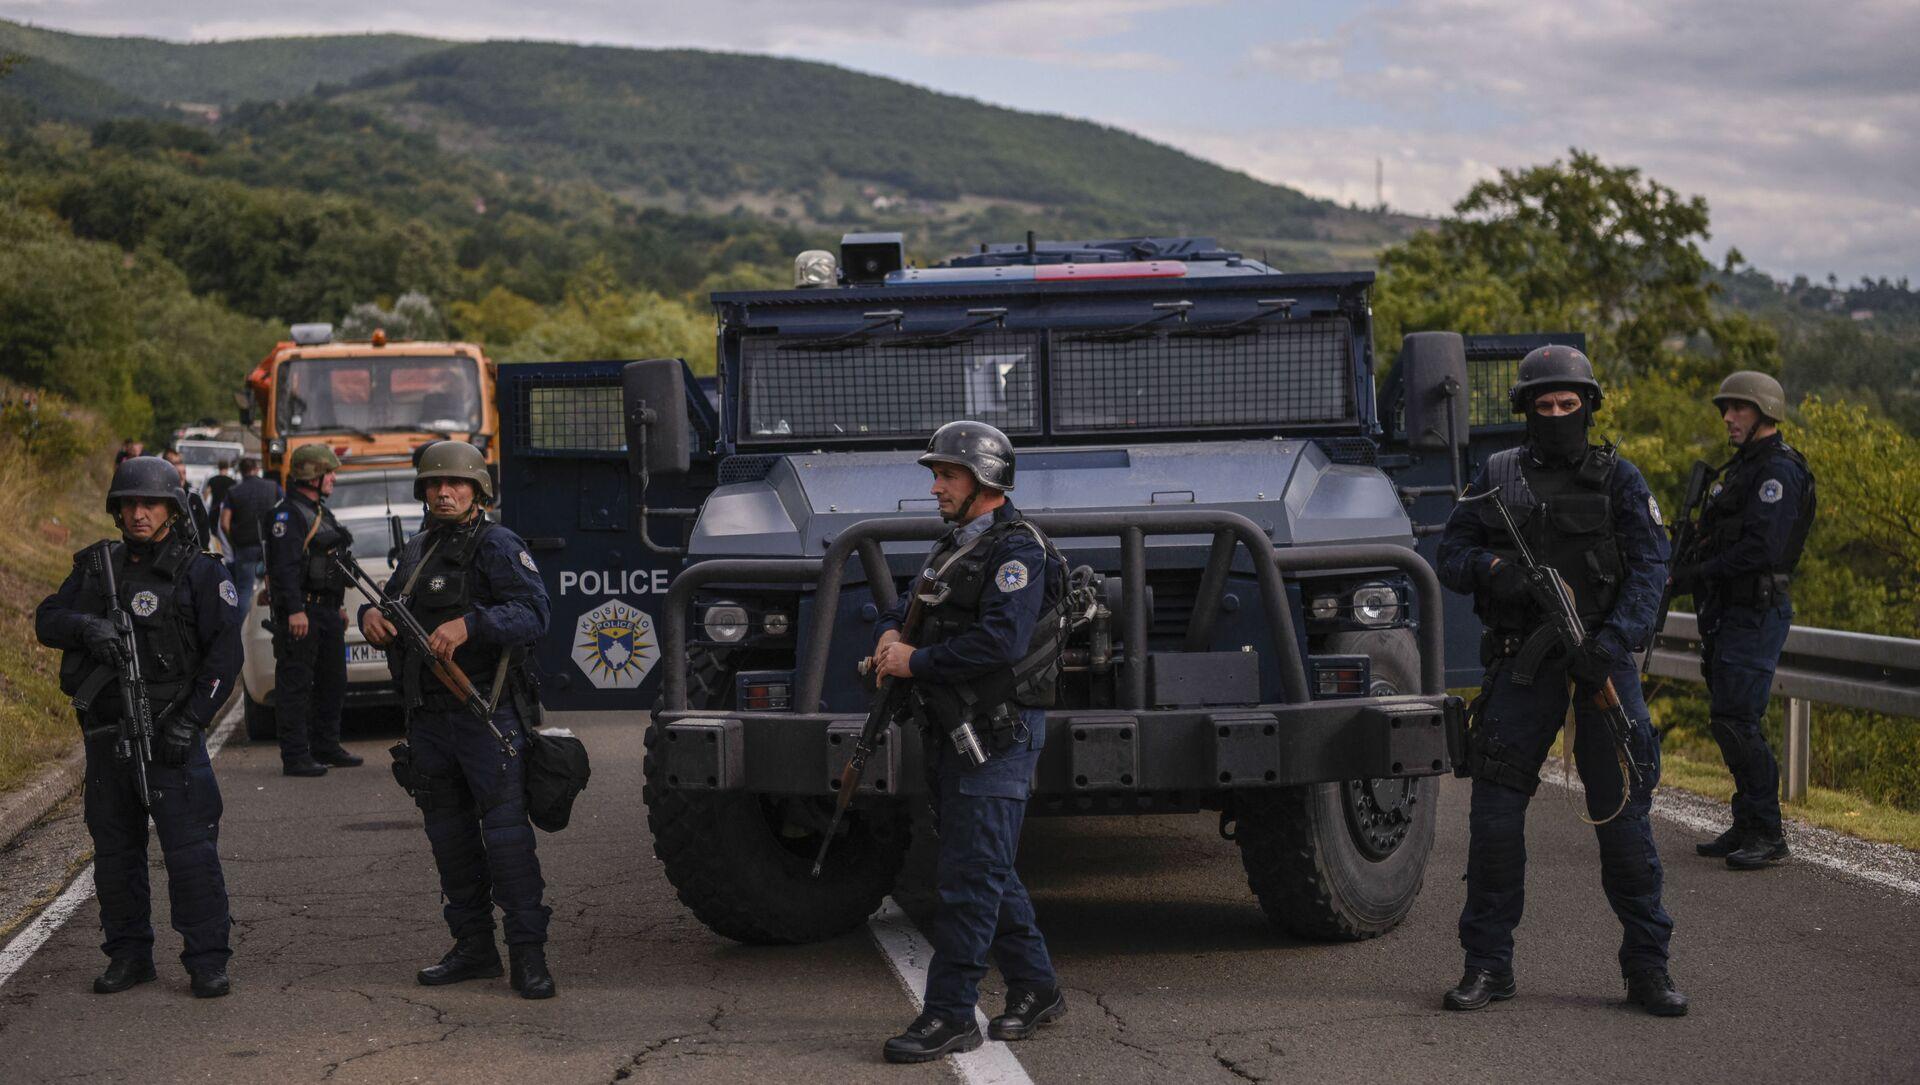 Специальное подразделение косовской полиции охраняет территорию возле пограничного перехода Яринье 20 сентября 2021 года. - Несколько сотен. Около 300 этнических сербов 20 сентября 2021 года заблокировали дорогу на севере, ведущую к единственным двум основным пограничным переходам Косово с Сербией, в знак протеста против пересечения границы в Приштине. запрет на въезд автомобилей с сербскими номерными знаками. По сообщению корреспондента AFP, протестующие на севере Косово, в основном этнические сербы, на грузовиках и легковых автомобилях полностью заблокировали движение по дорогам, ведущим к близлежащим пограничным переходам Яринье и Брняк. (Фото Арменда НИМАНИ / AFP) - Sputnik Абхазия, 1920, 28.09.2021